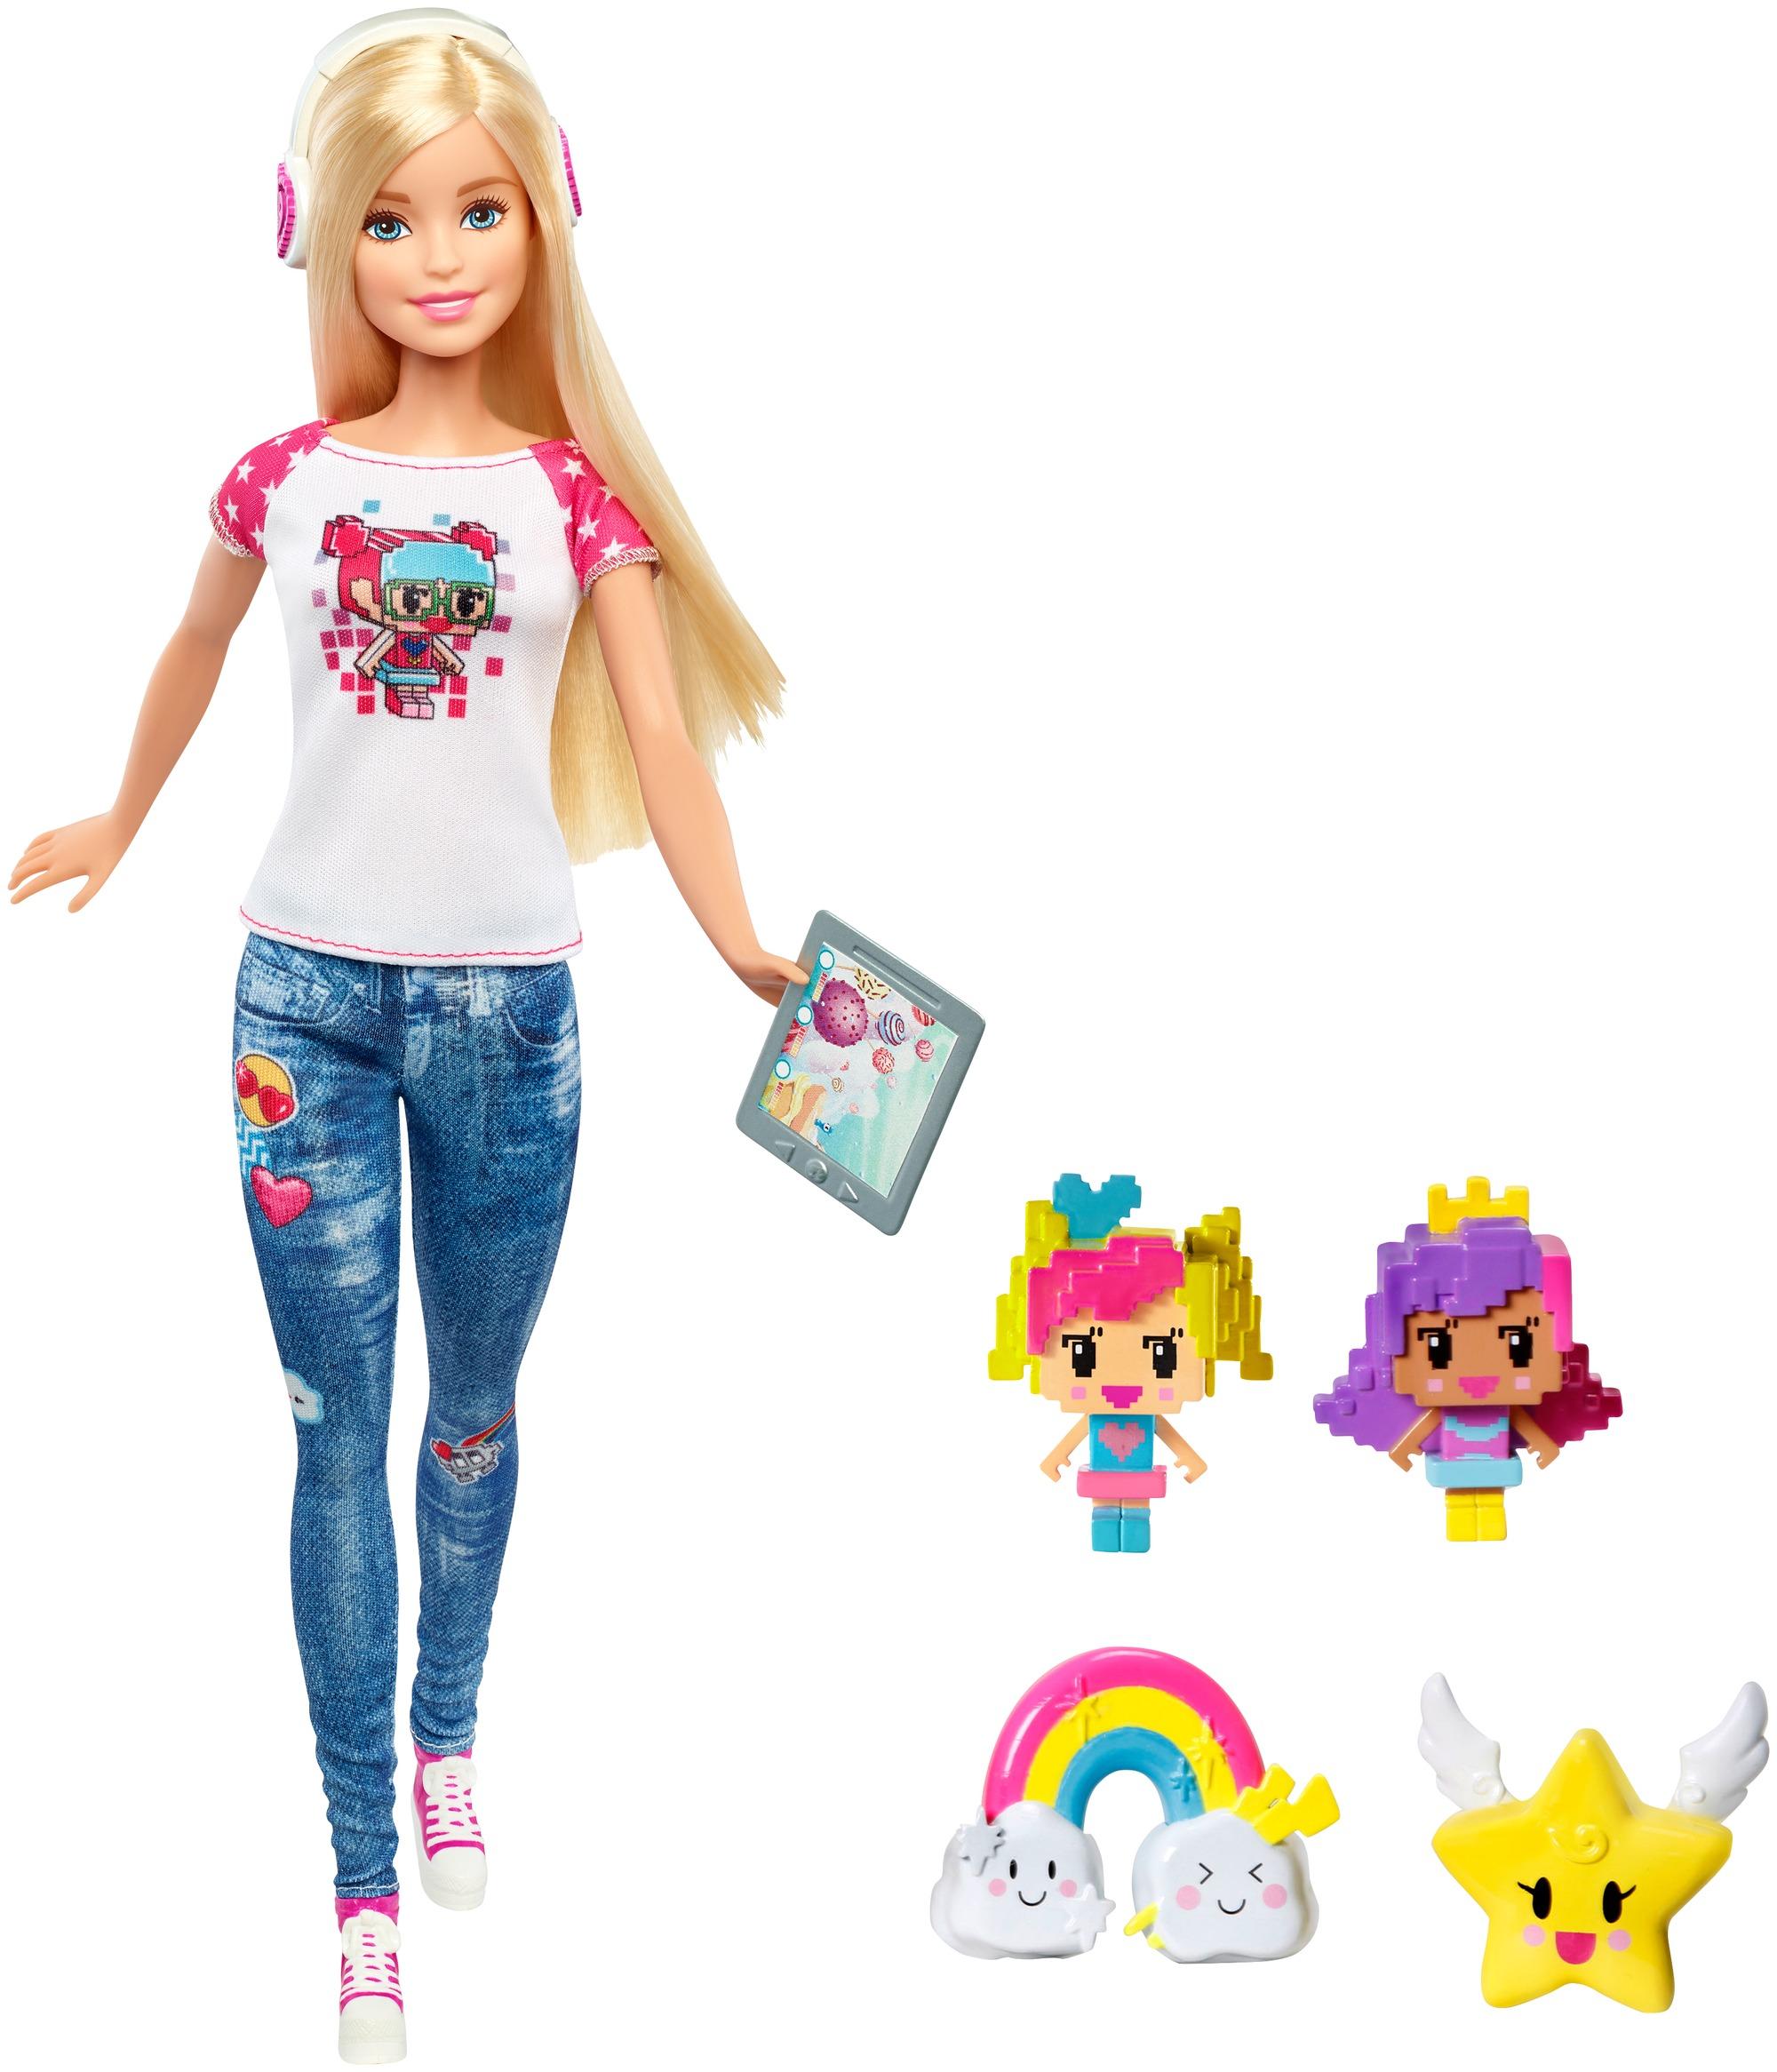 Barbie Video Game Hero Barbie Doll by MATTEL INC.